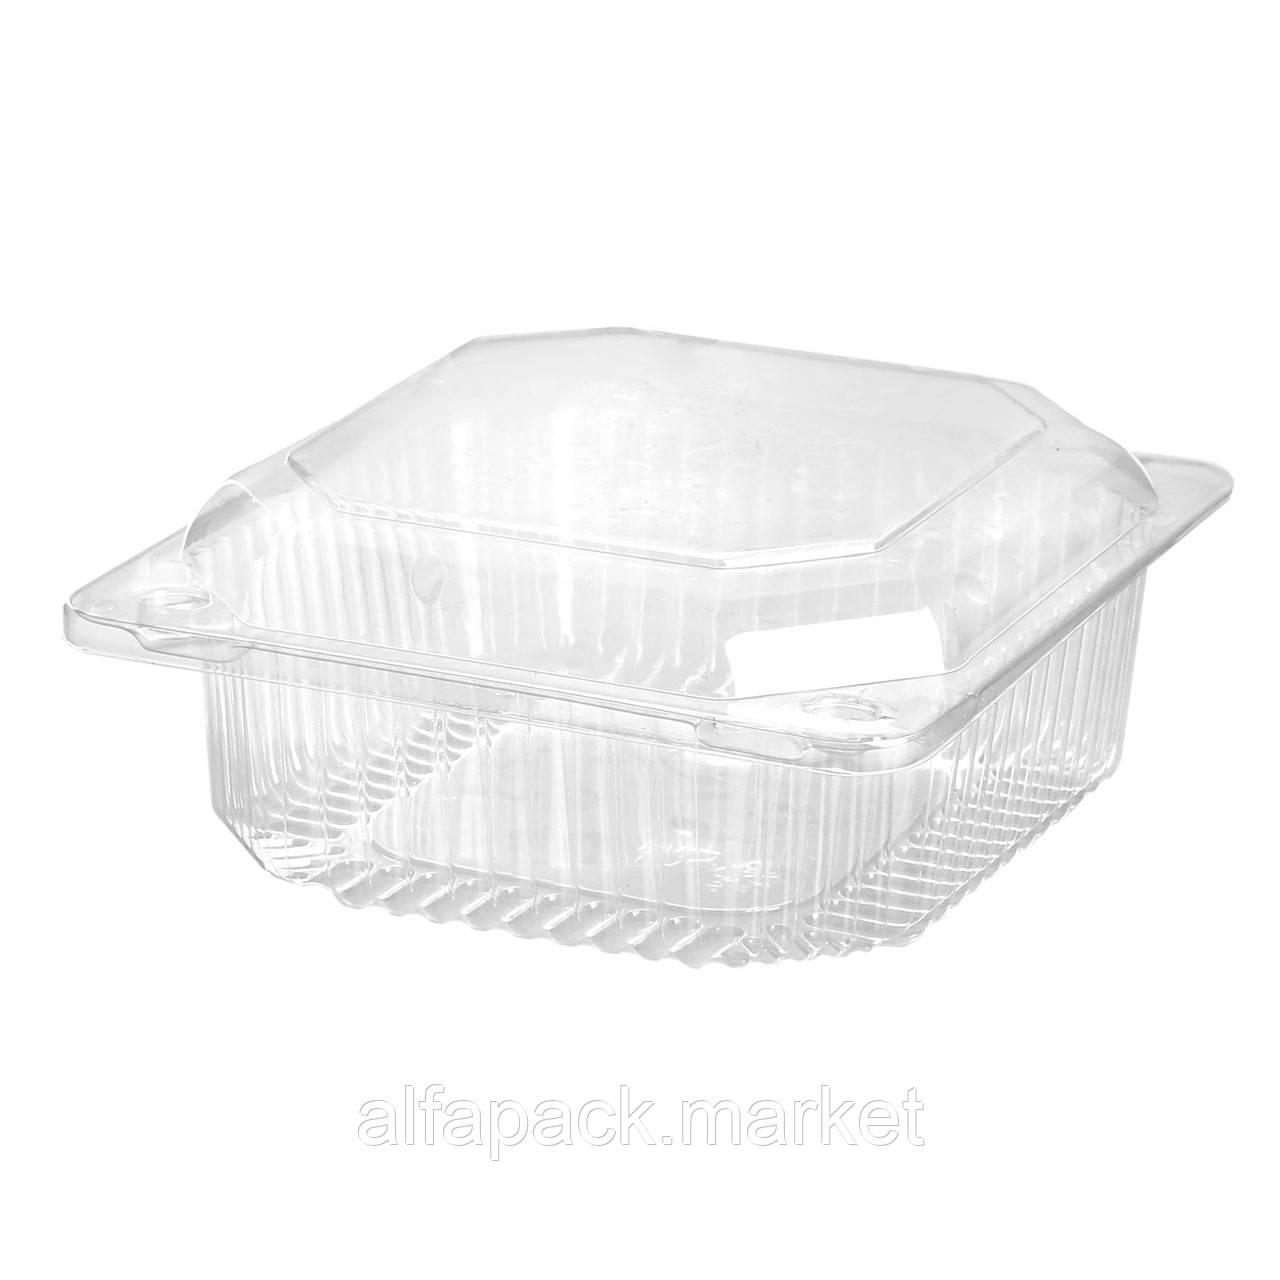 ПС-9 Пластиковый контейнер 135*130*54 (500 шт в ящике) 010100161